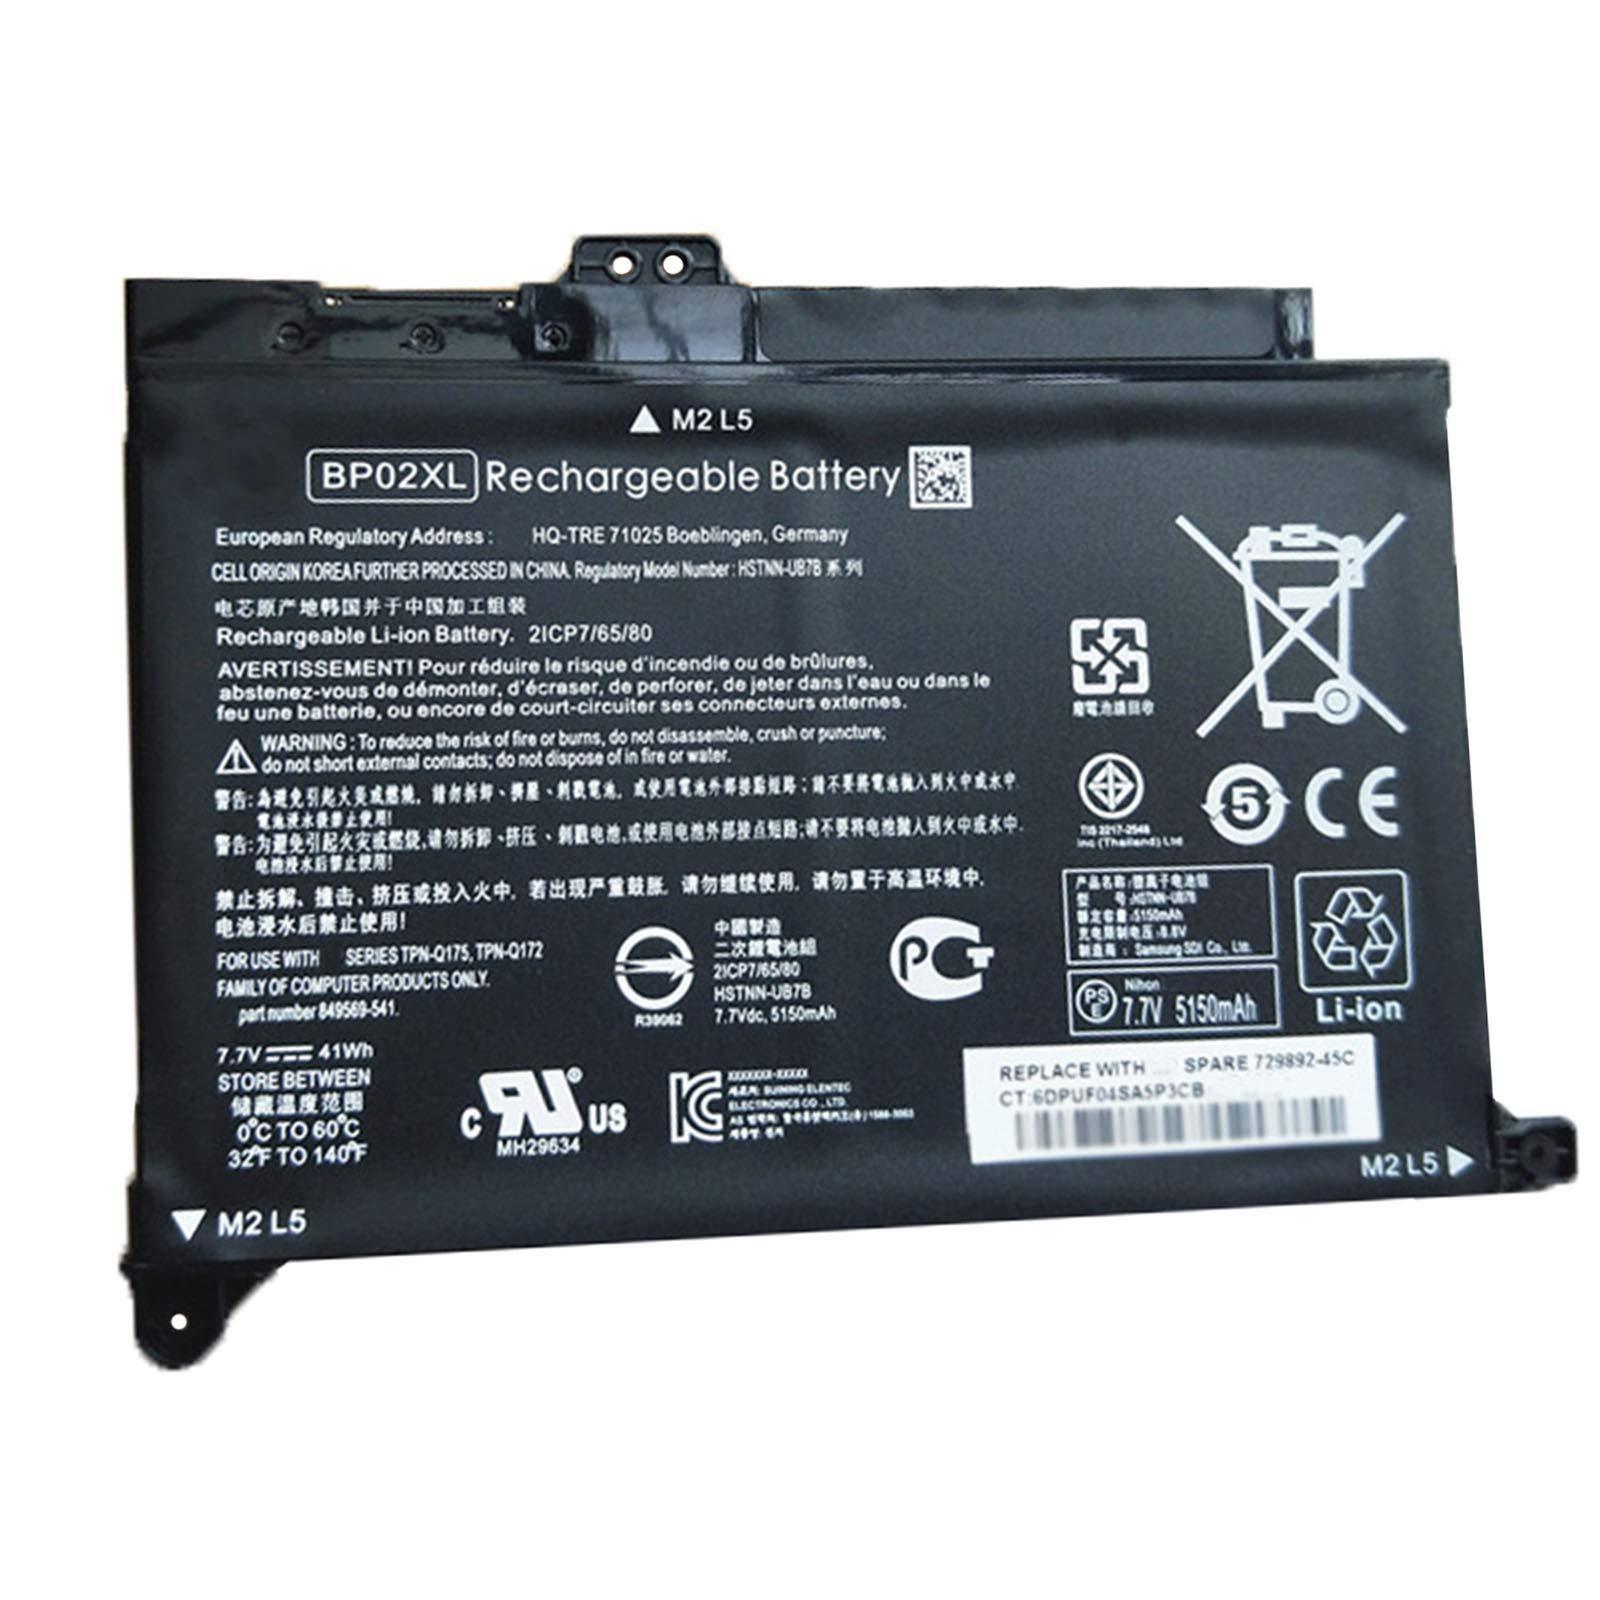 Bateria Dentsing Bp02xl Compatible Hp Pavilion Pc 15 15-au000 15-au010wm 15-au018wm 15-aw000 Series Hstnn-ub7b Hstnn-lb7